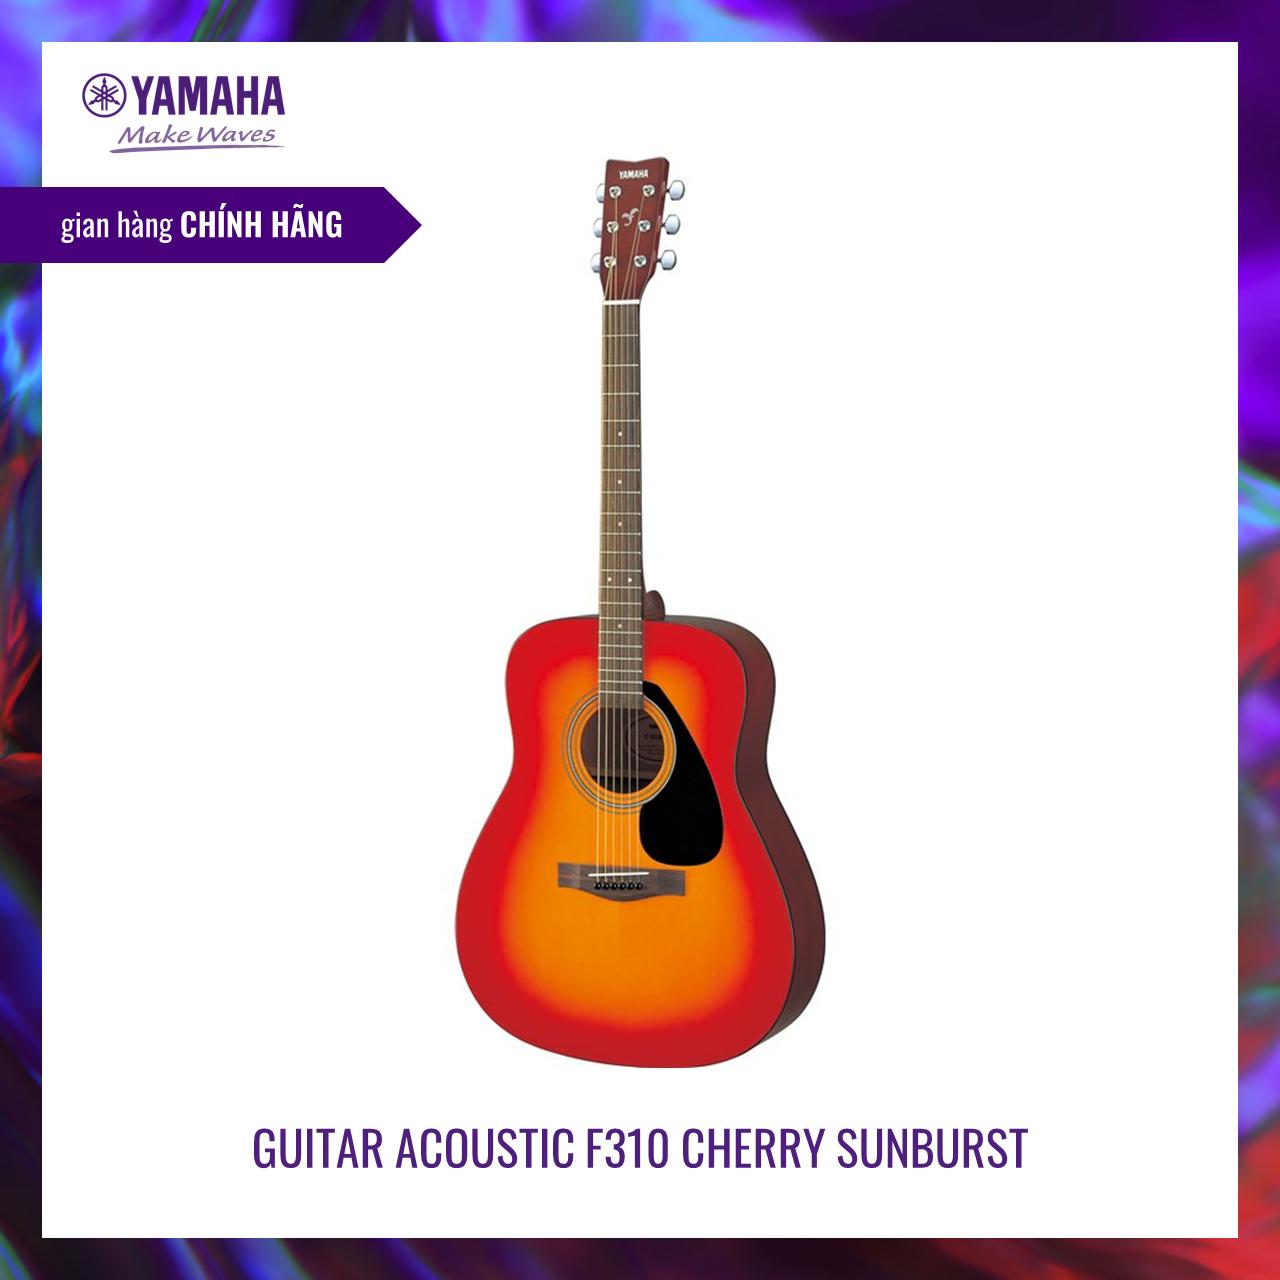 Đàn guitar Acoustic Yamaha F310 – Top Spruce, Gỗ Back & Side Tonewood, Xuất xứ Indonesia – Bảo hành chính hãng 12 tháng